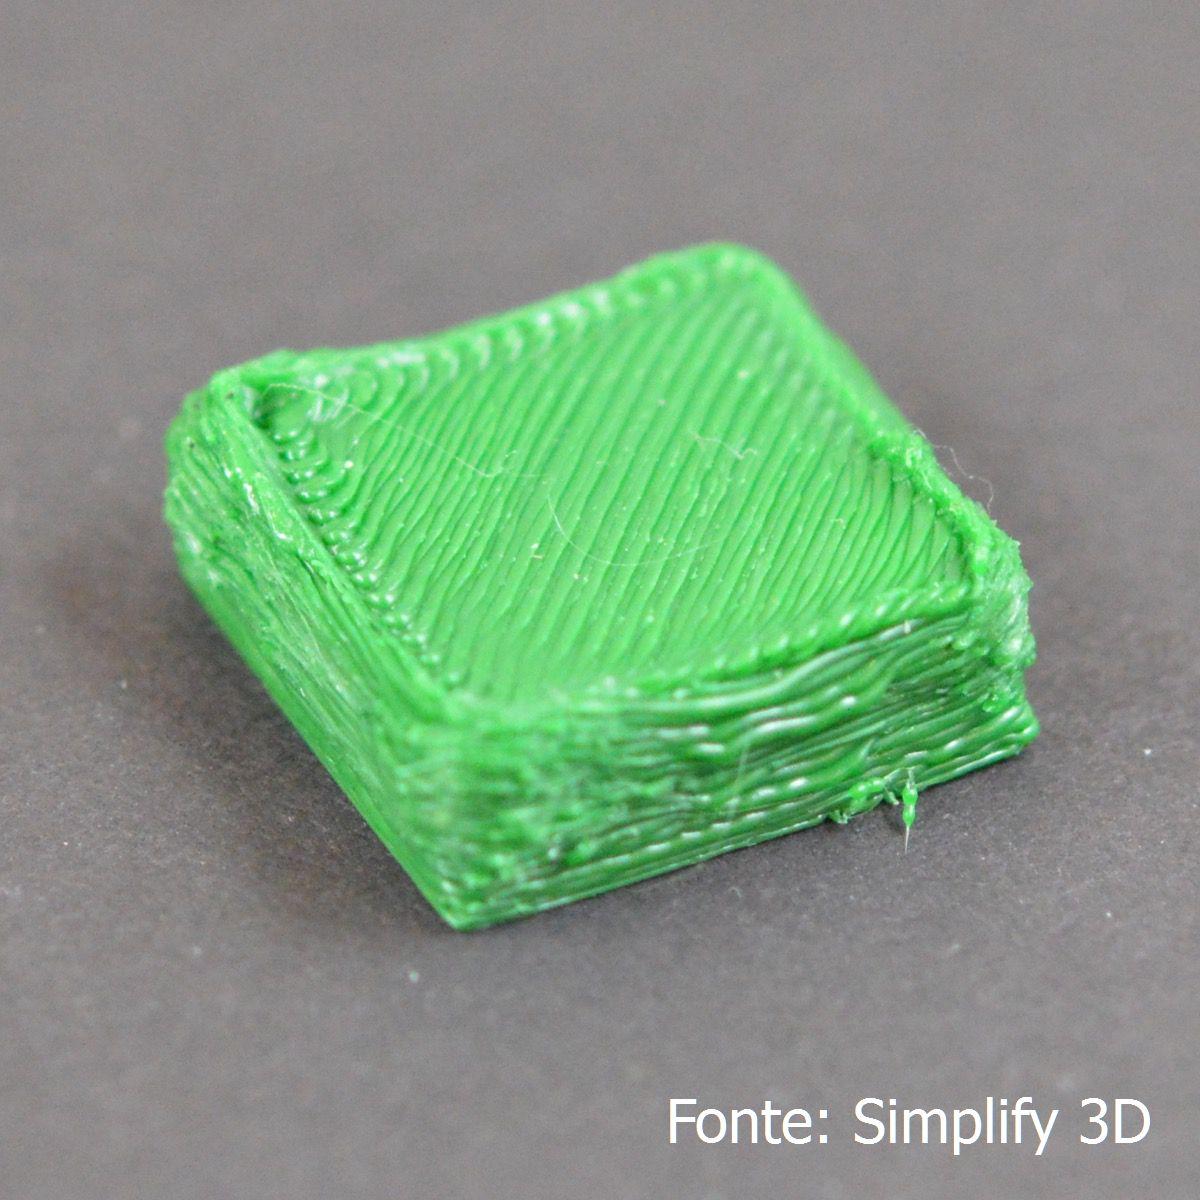 Extrusão de muito plástico Extrusão de muito plástico Over Extruding